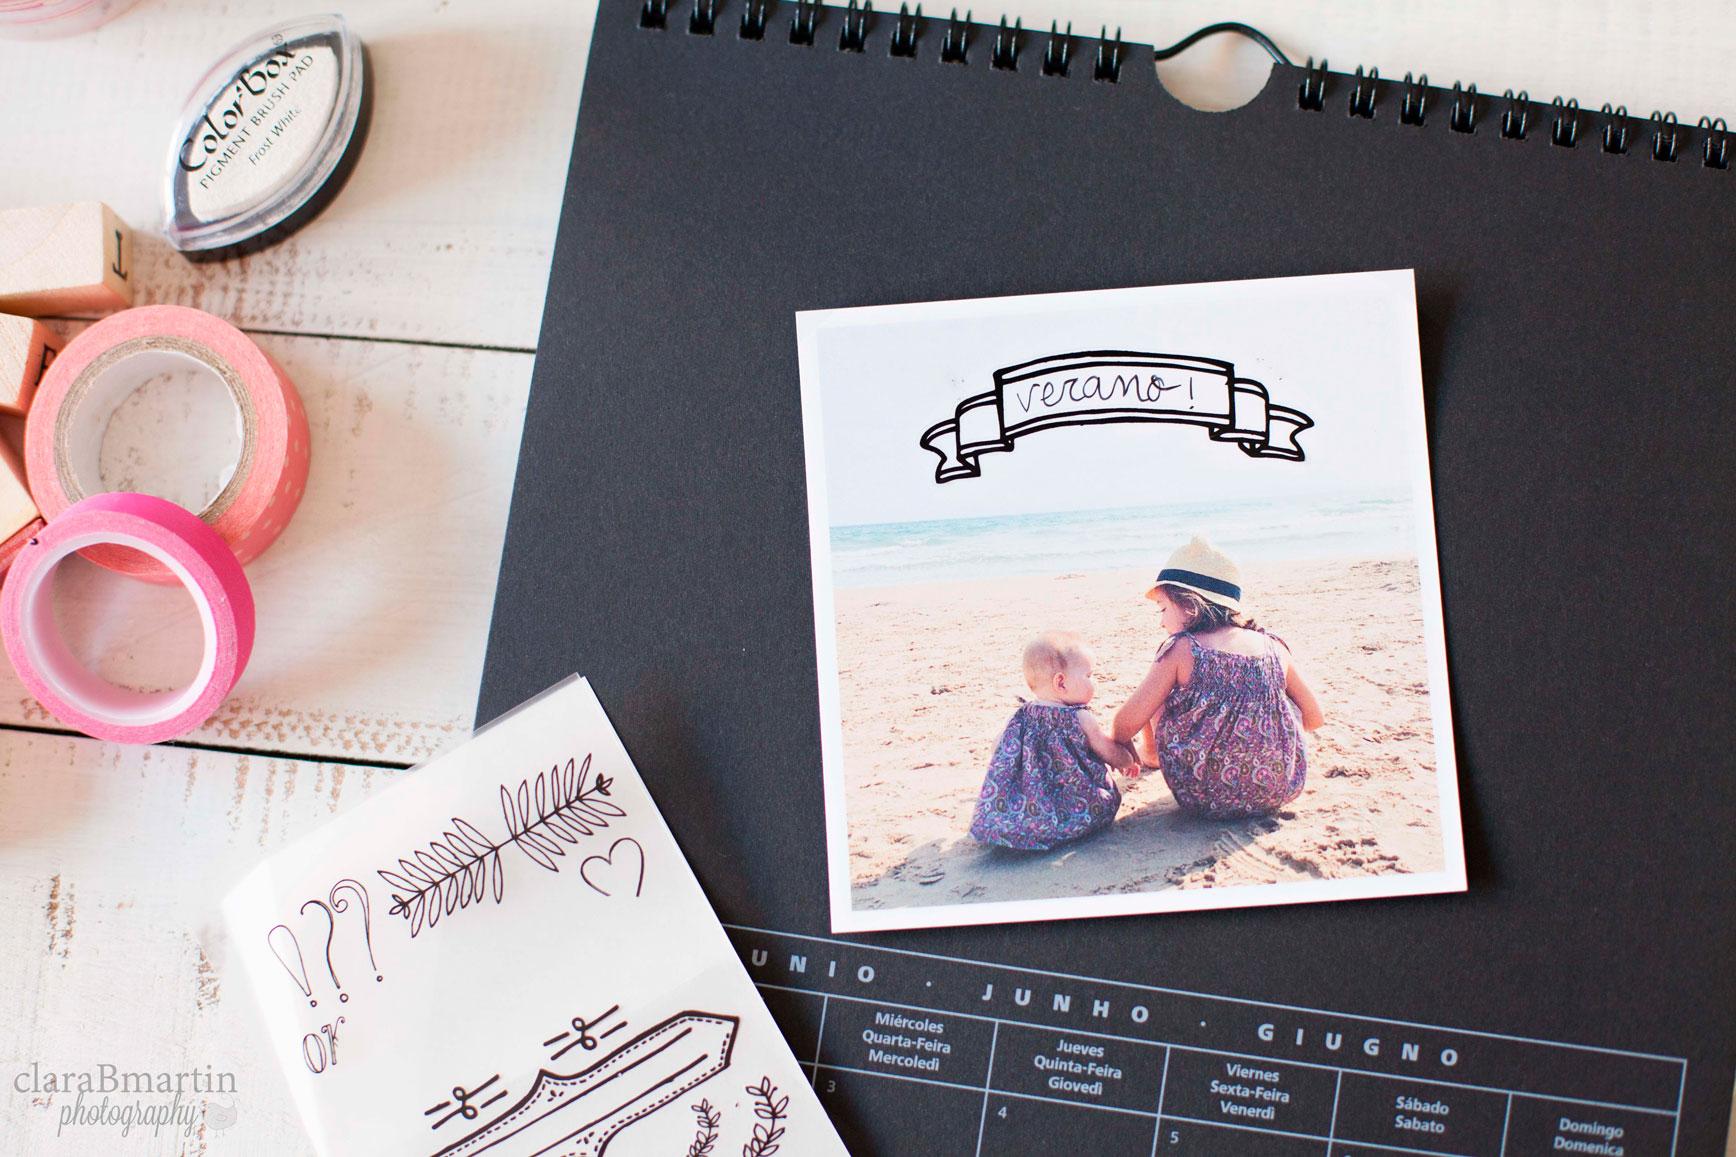 Calendario-DIY_claraBmartin09